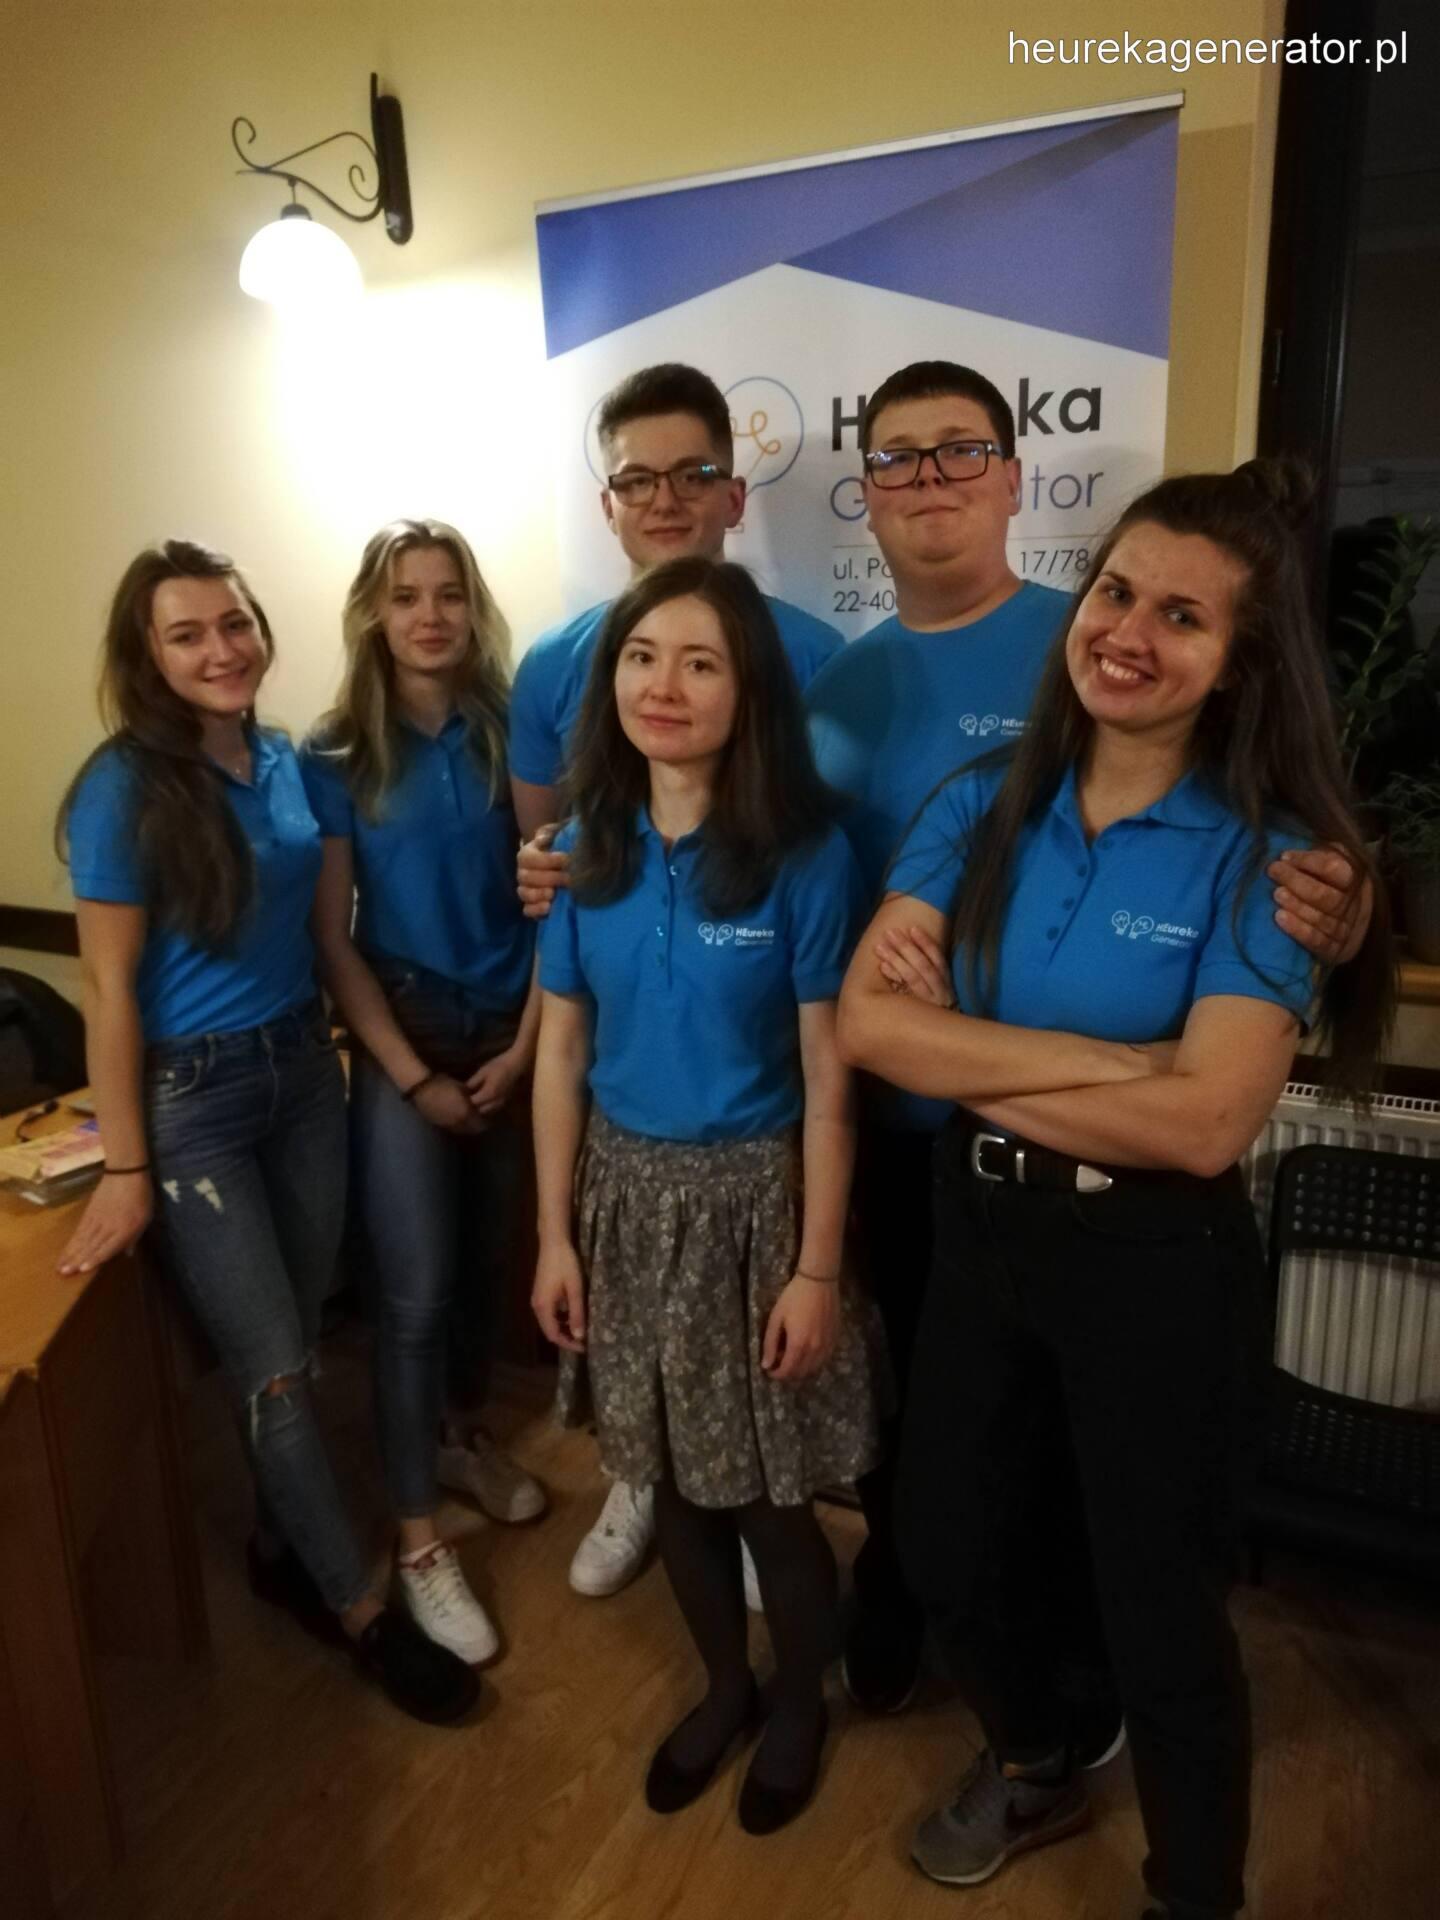 01 Zamojskie Stowarzyszenie HEureka Generator kończy realizację międzynarodowego projektu